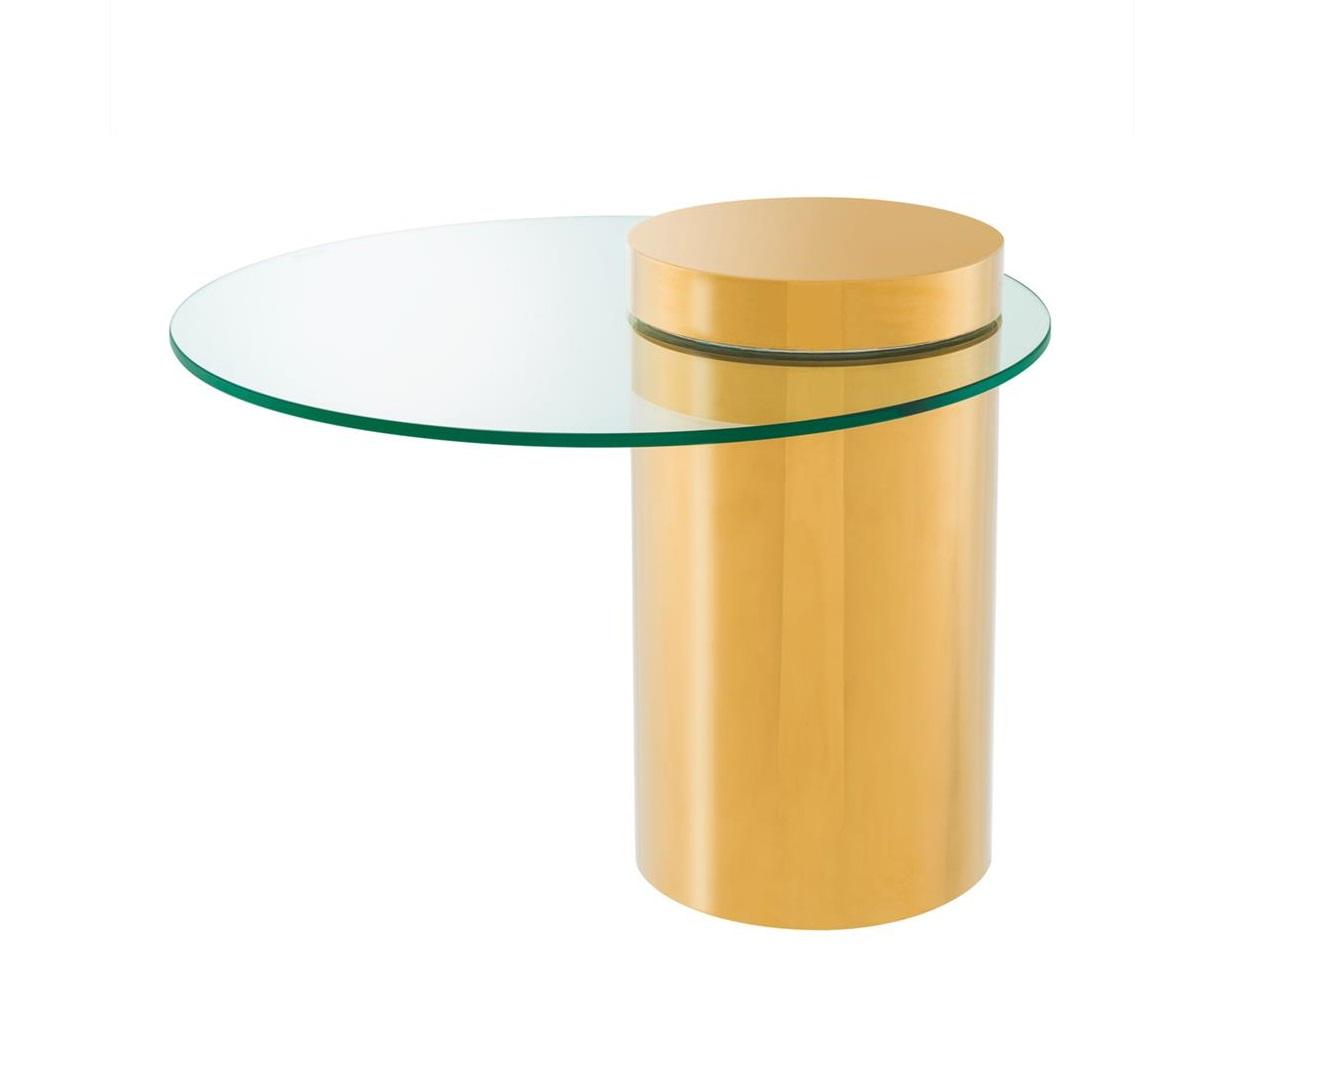 СтолПриставные столики<br>Столик Side Table Equilibre на основании из металла золотого цвета. Столешница выполнена из плотного прозрачного стекла.<br><br>Material: Стекло<br>Height см: 51<br>Diameter см: 65